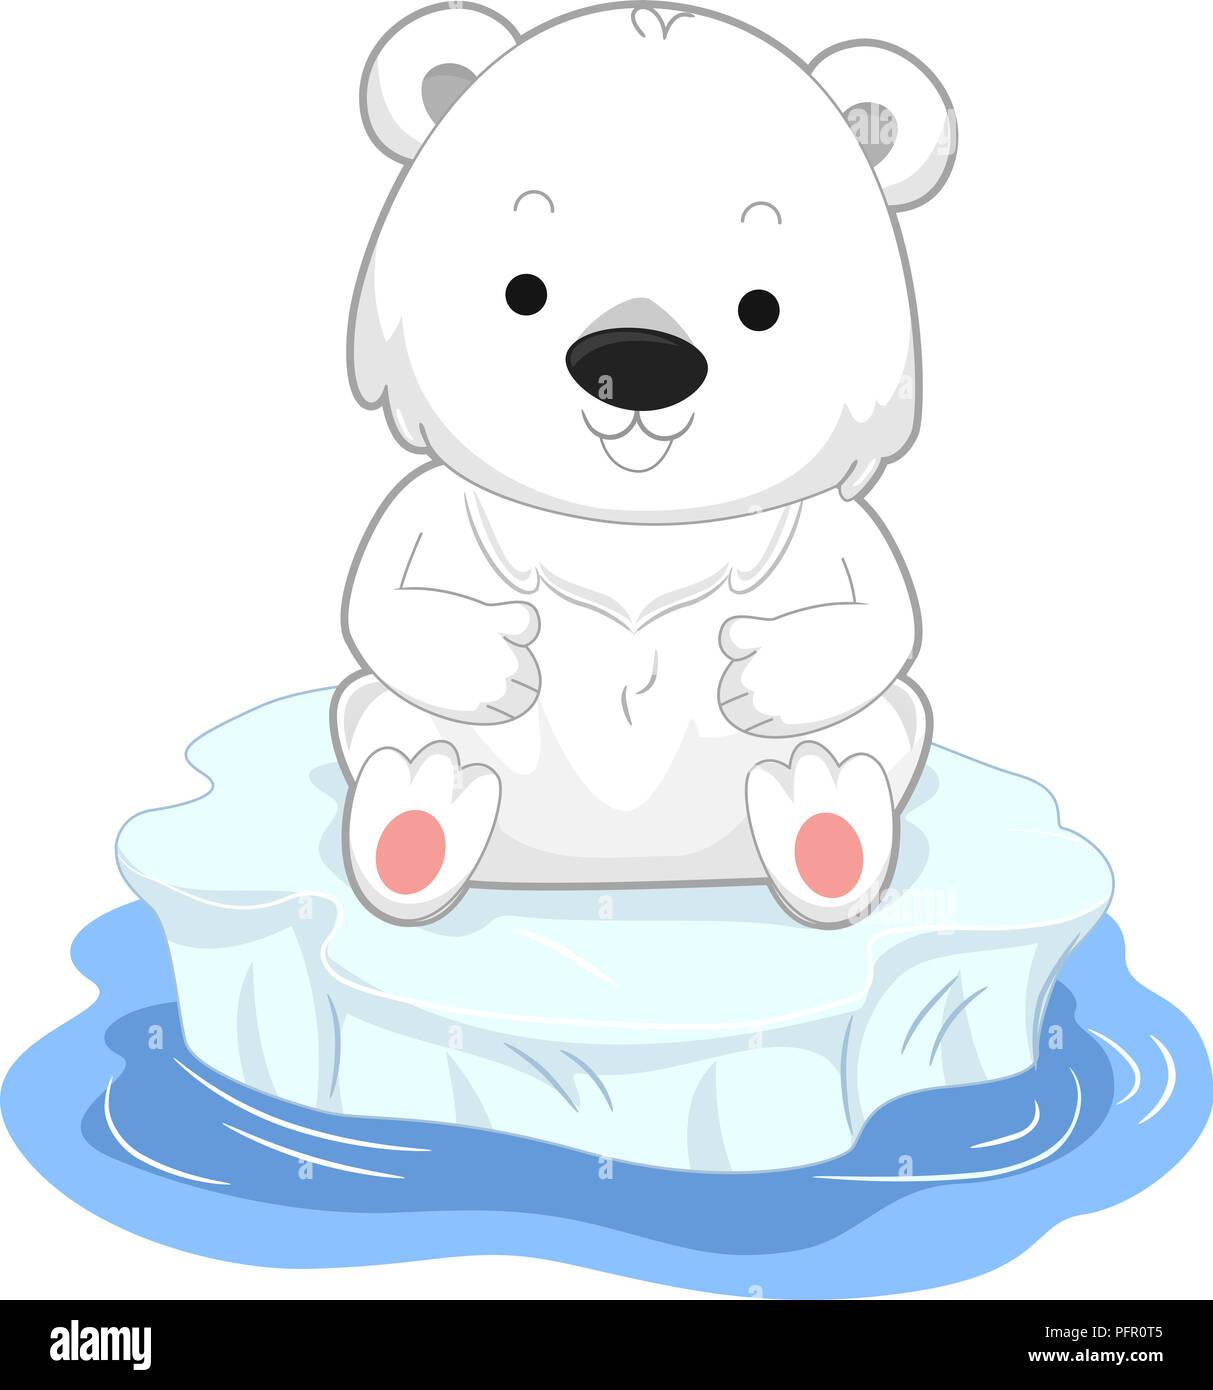 Illustration D Un Ours Polaire Assis Sur Un Iceberg Flottant Dans